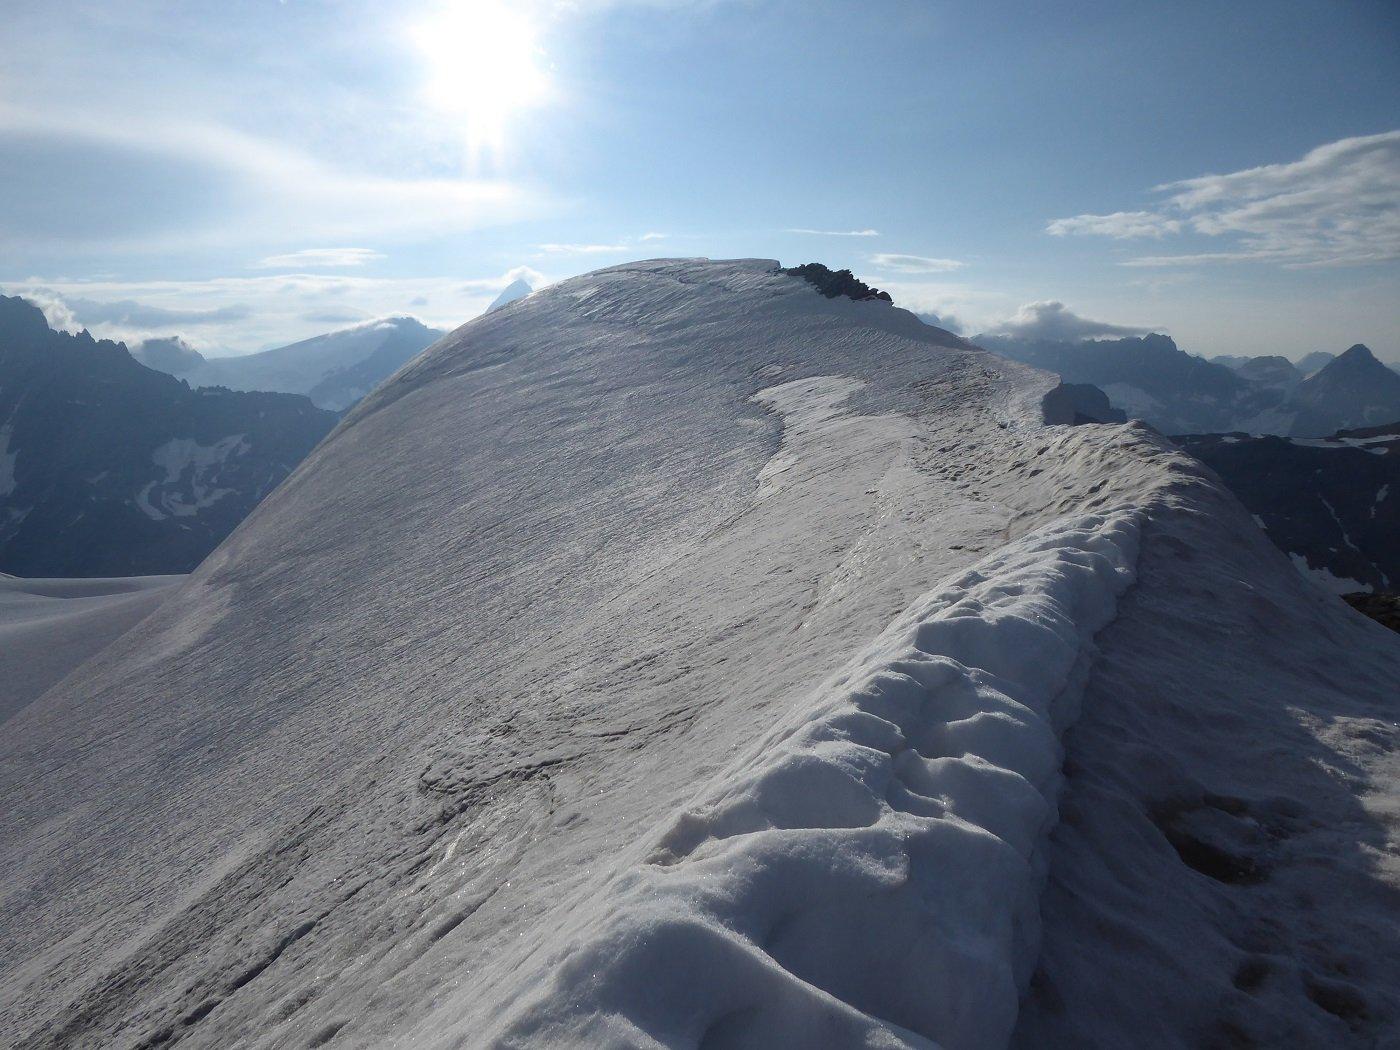 La vetta vista dal lato Ovest. Si intuisce la spaccatura poco sotto la cima.